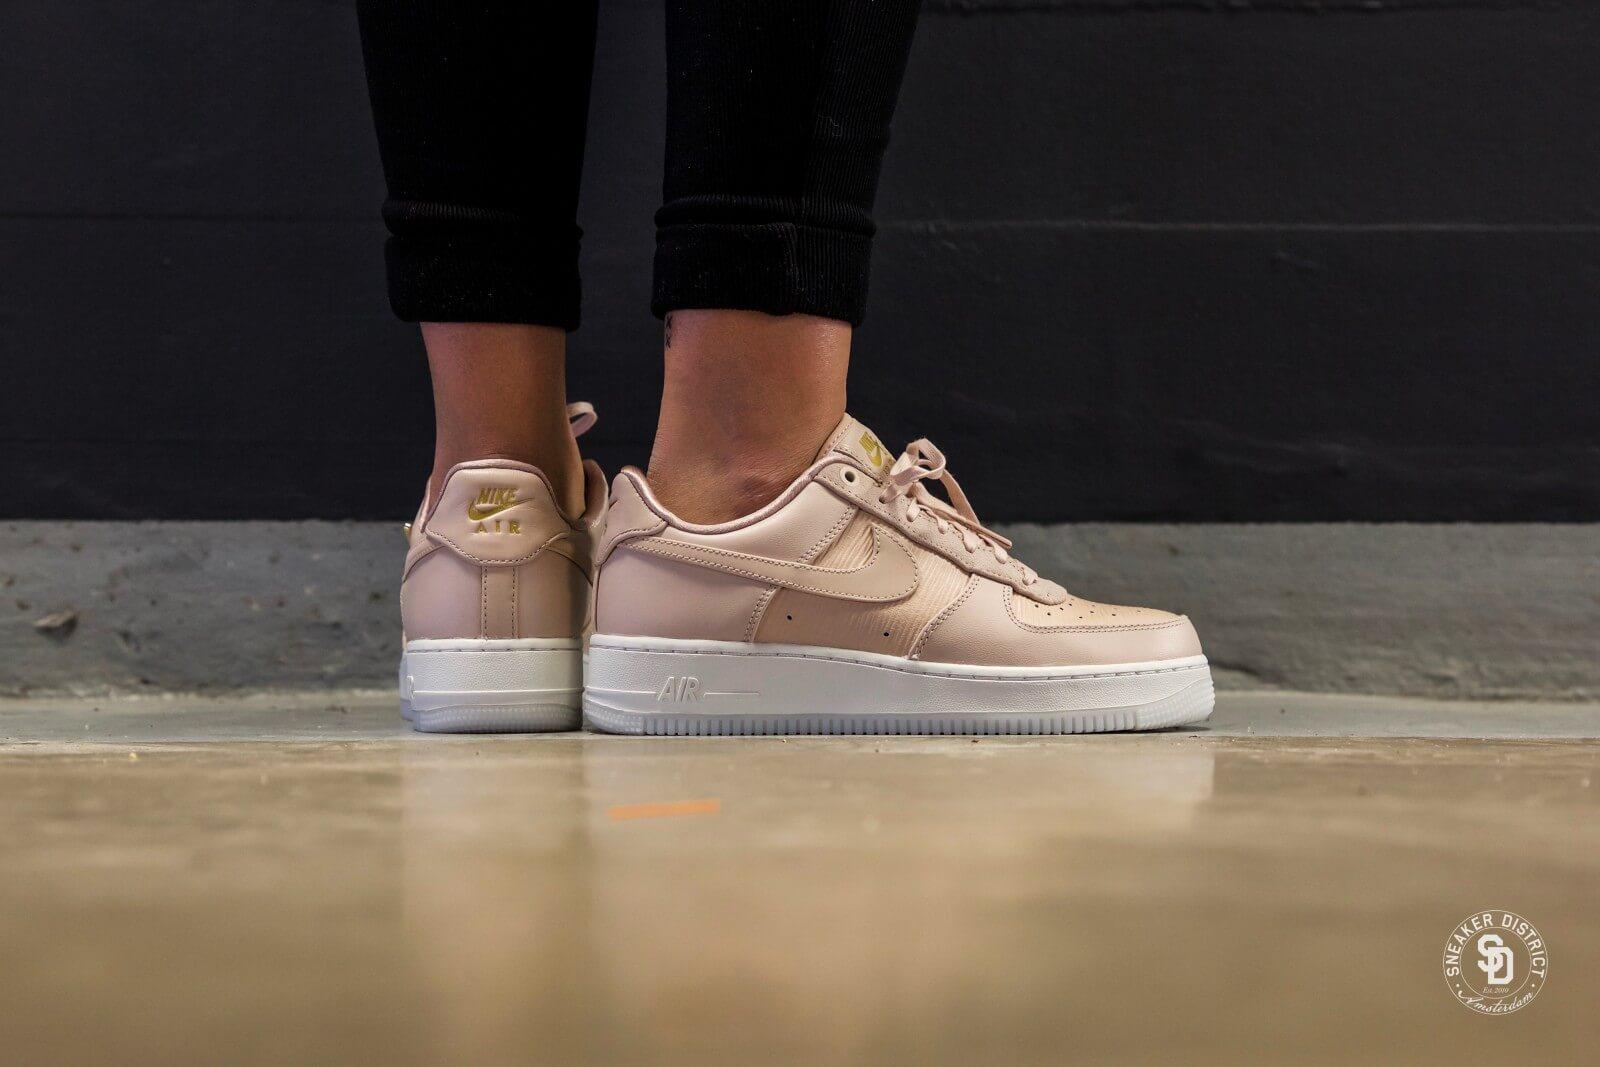 Nike Air Force 1' 07 Lux Women's Shoe White | Nike shoes women